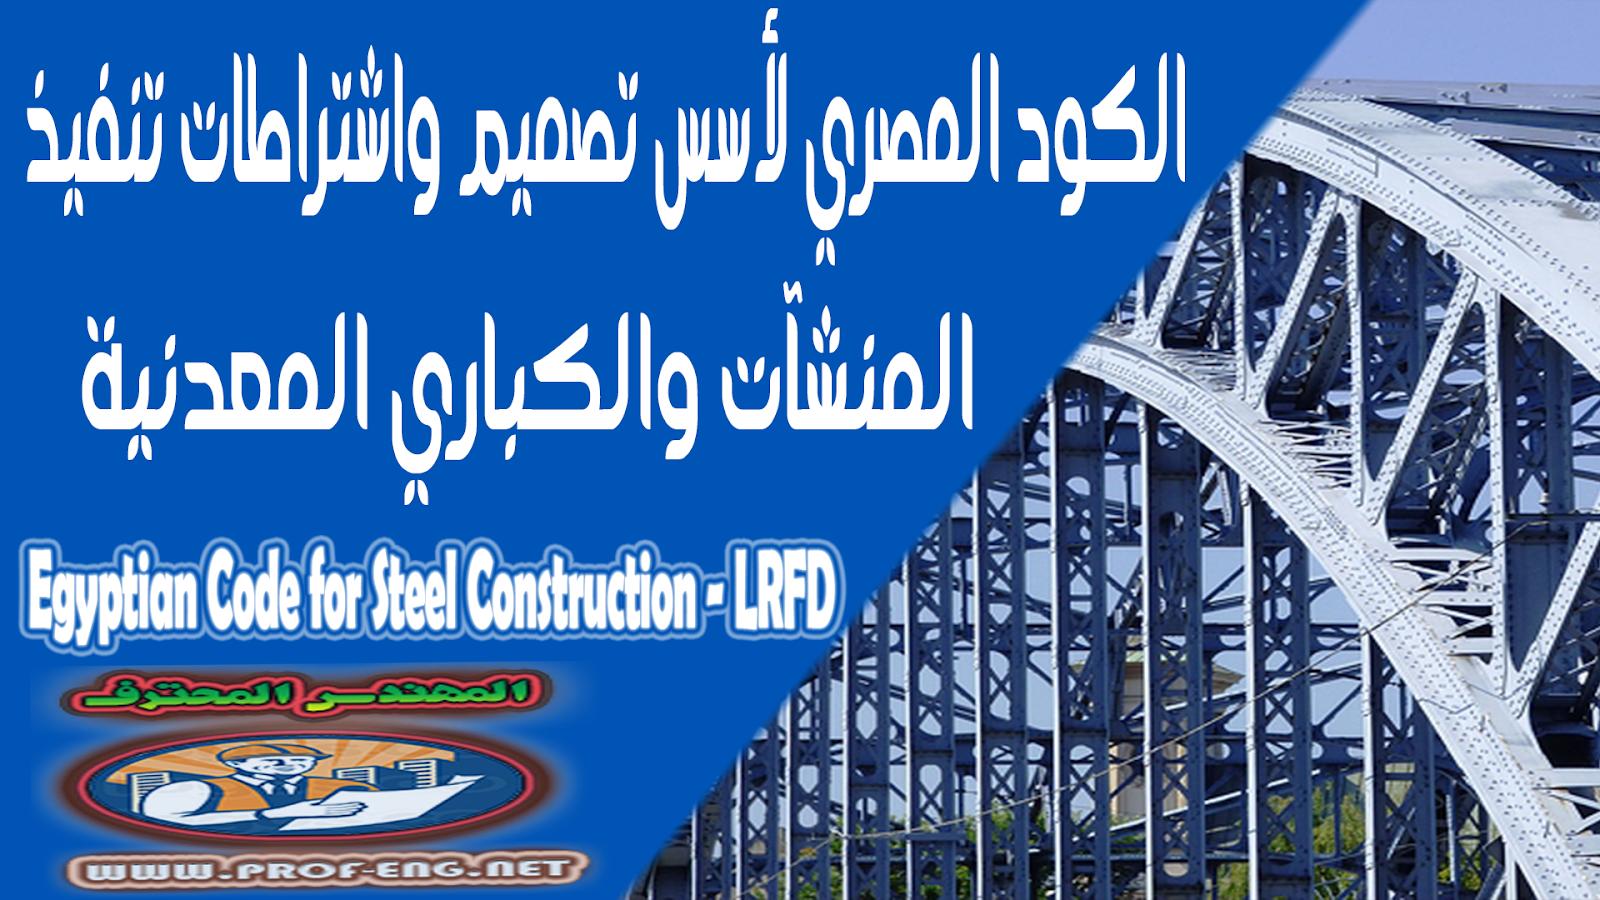 كود الاستيل - الكود المصري لأسس تصميم واشتراطات تنفيذ المنشآت والكباري المعدنية - النسخة الاوضح